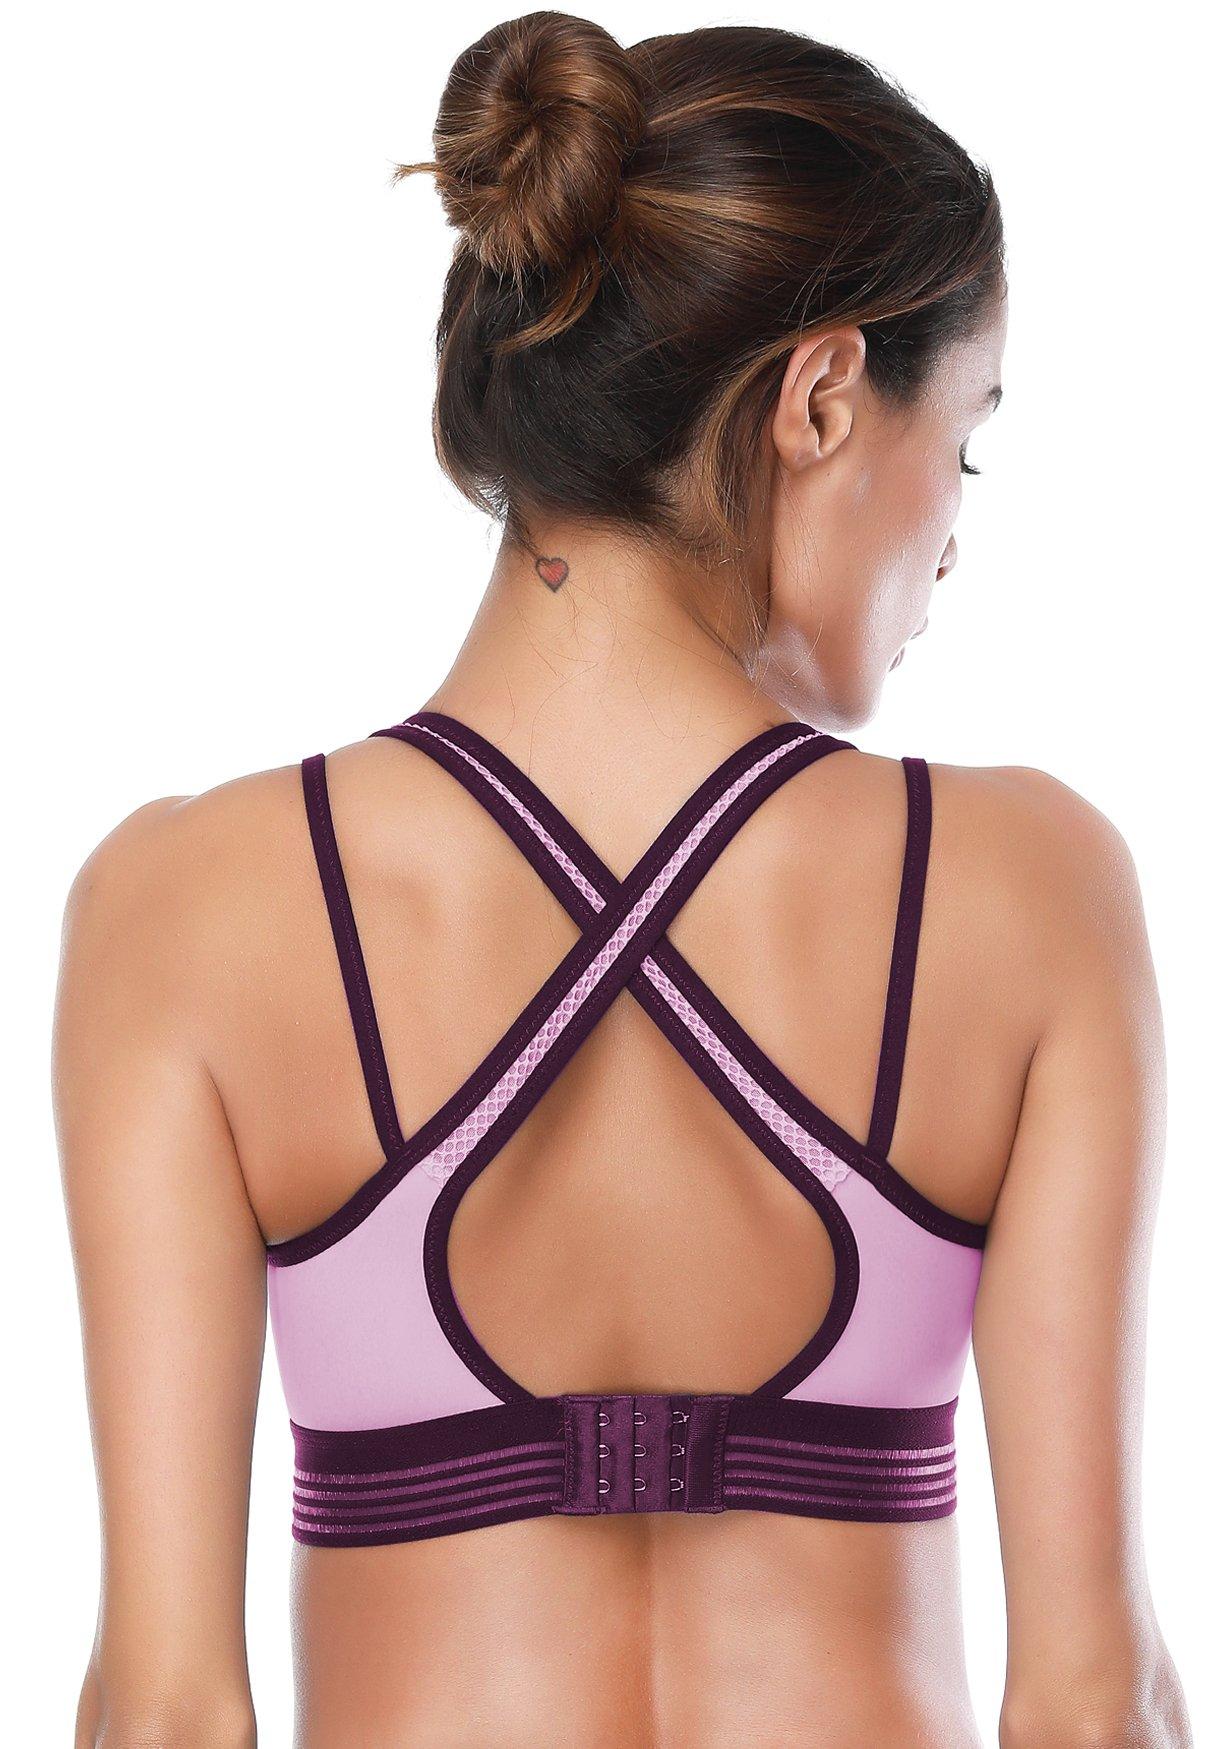 SIMIYA Sports Bra, Cross Back PaddedActivewear Gym BraWorkout Clothesfor Women(Purple, Small)